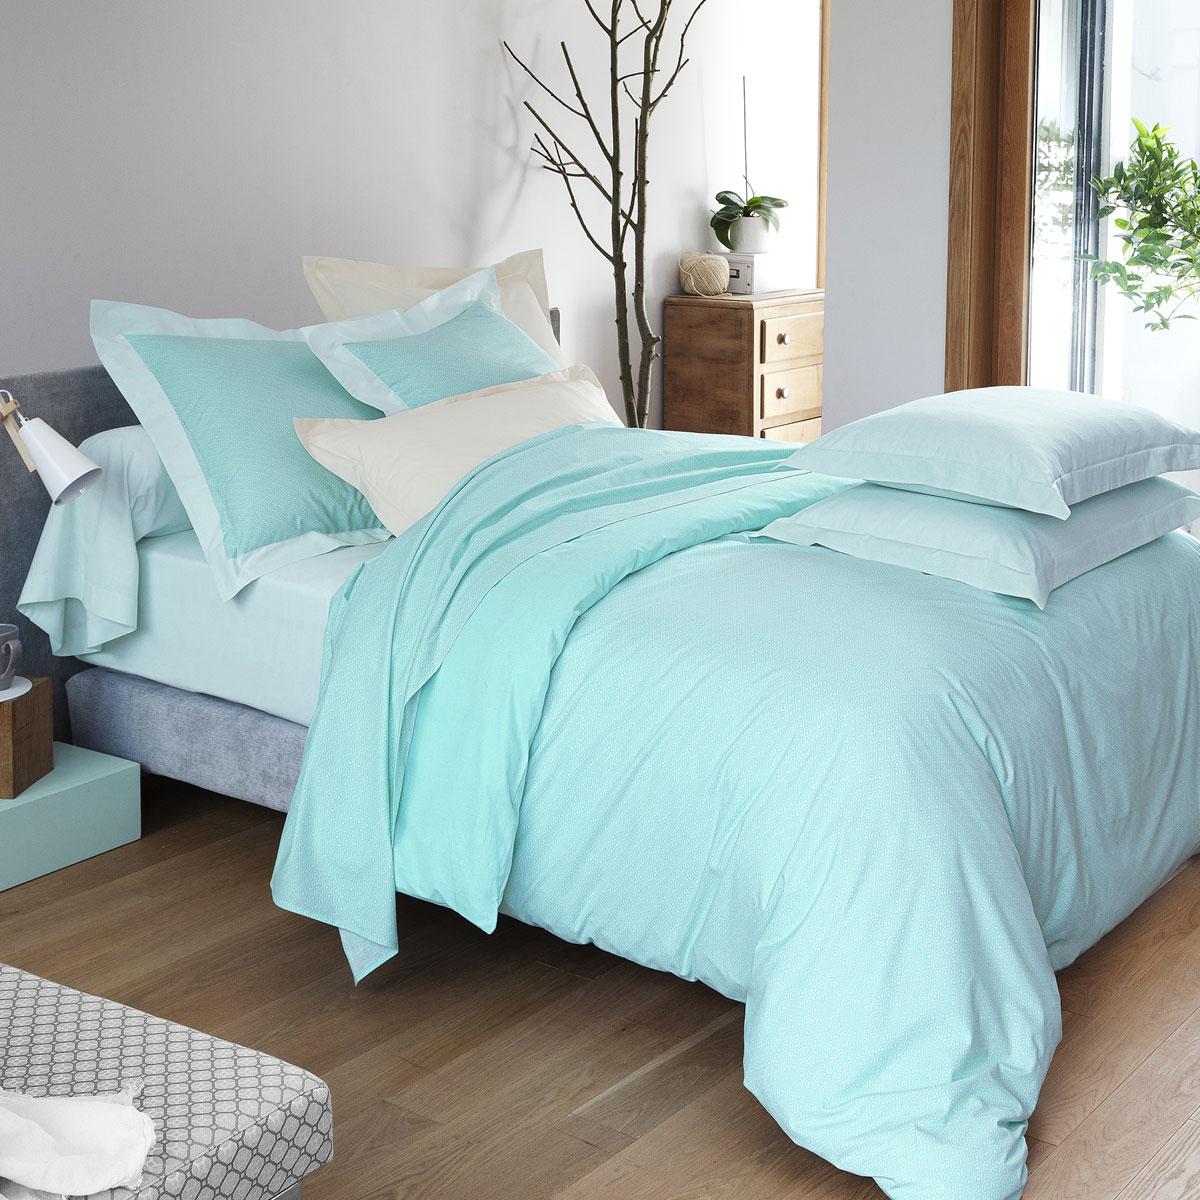 parure housse de couette dream blue linge de lit de. Black Bedroom Furniture Sets. Home Design Ideas